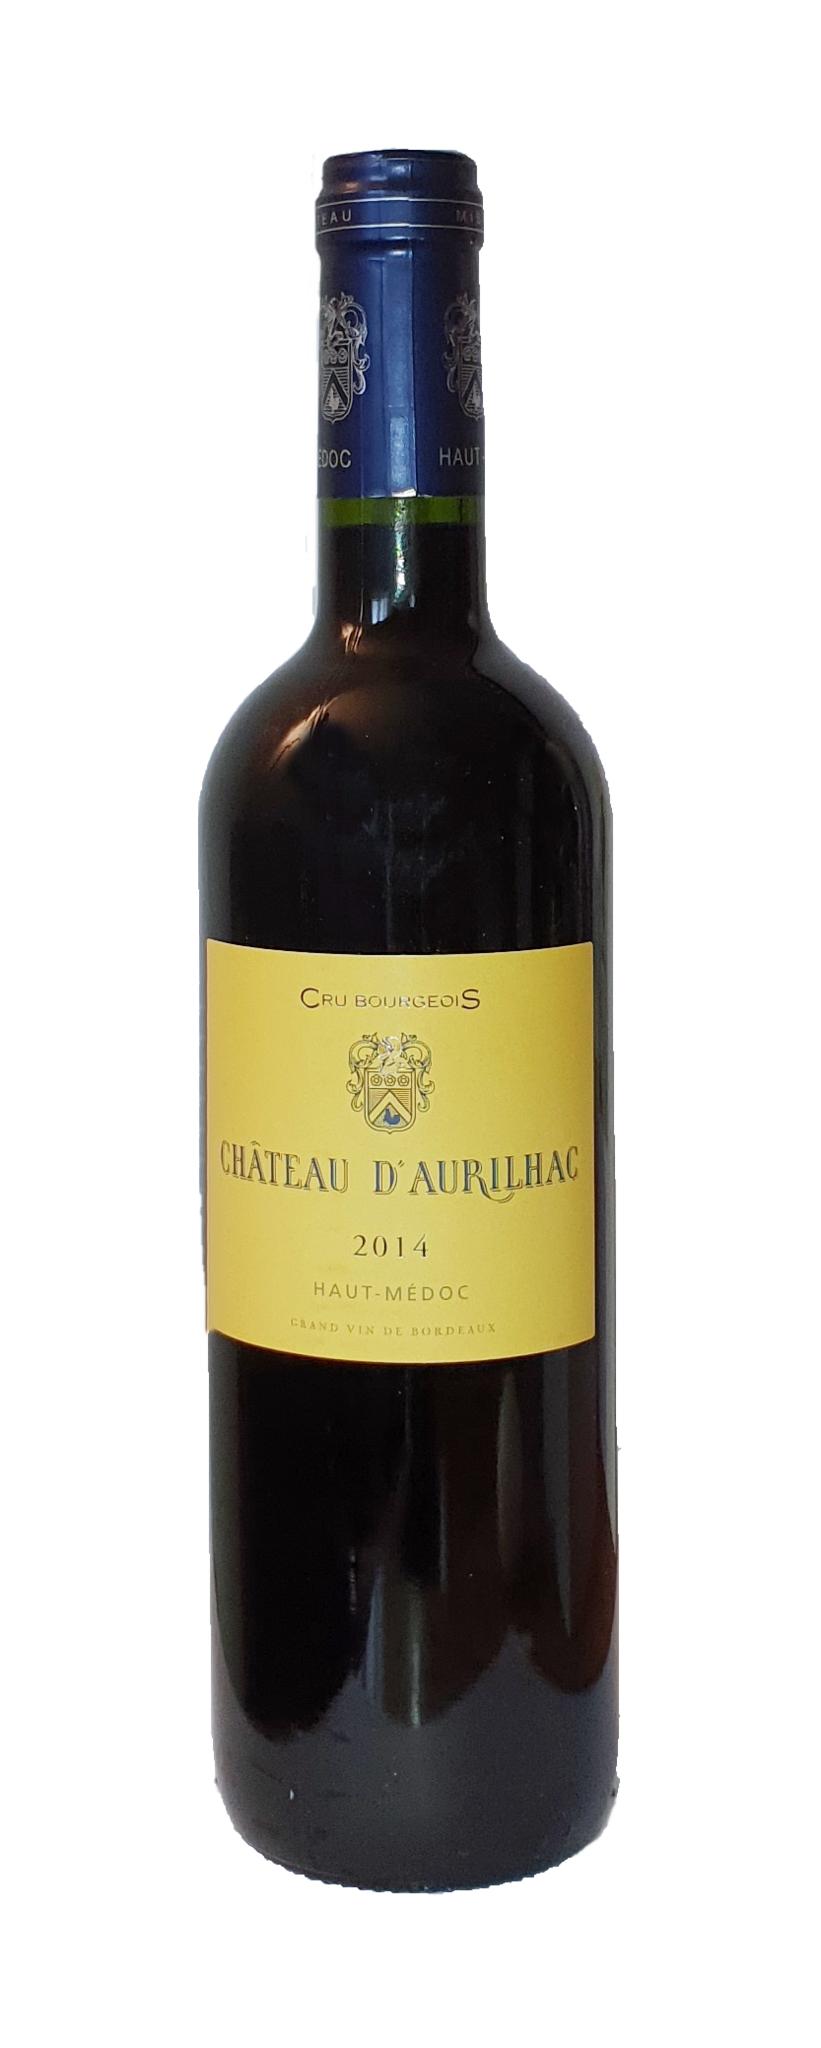 Bordeaux Diverse 2014 Chateau d'Aurilhac Haut-Medoc